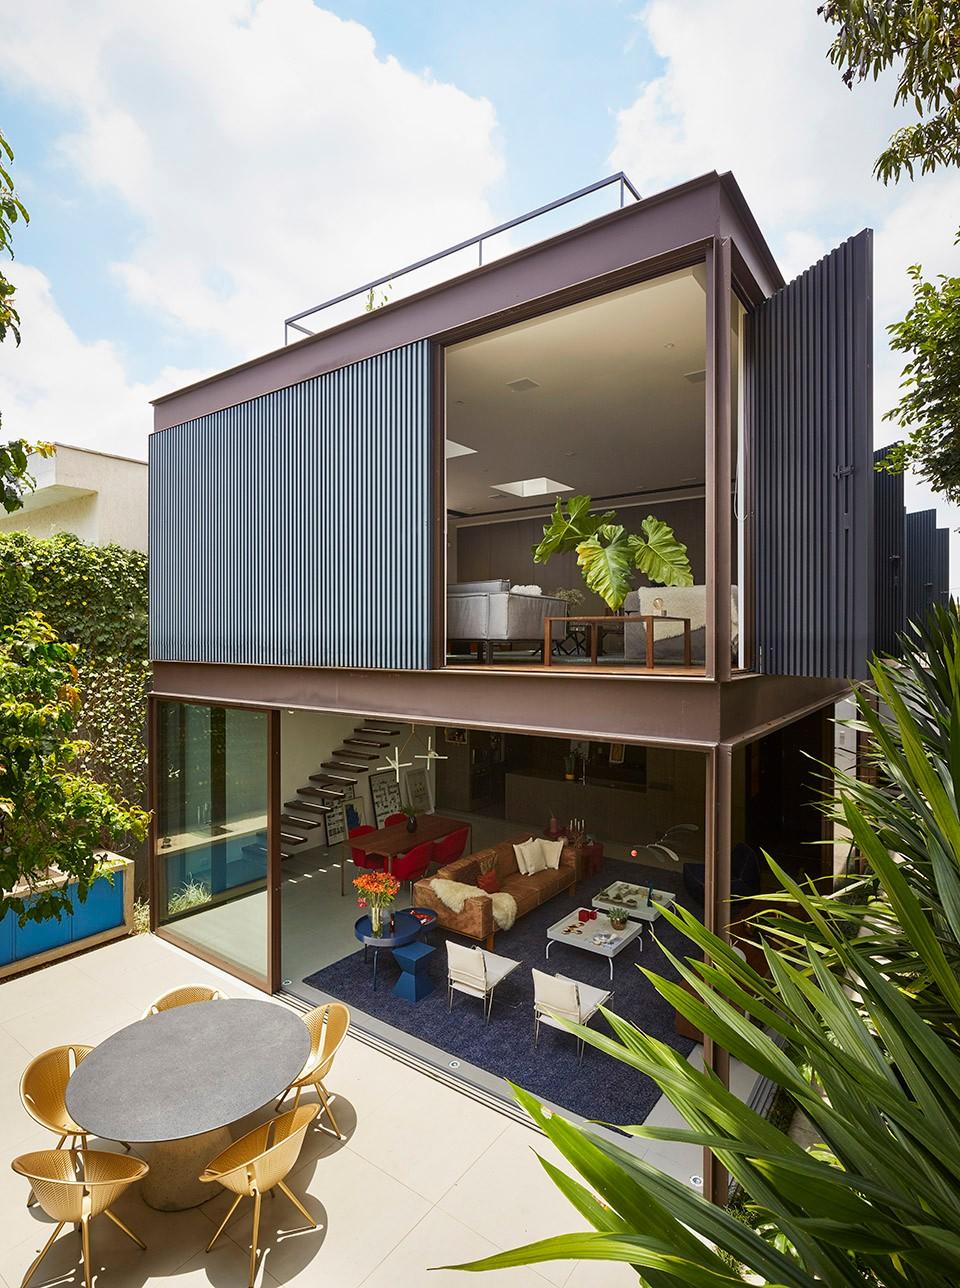 住宅设计:周边不扬,然室内别墅双层!20mx10m别墅钢结构外貌另有揭阳乾坤图片